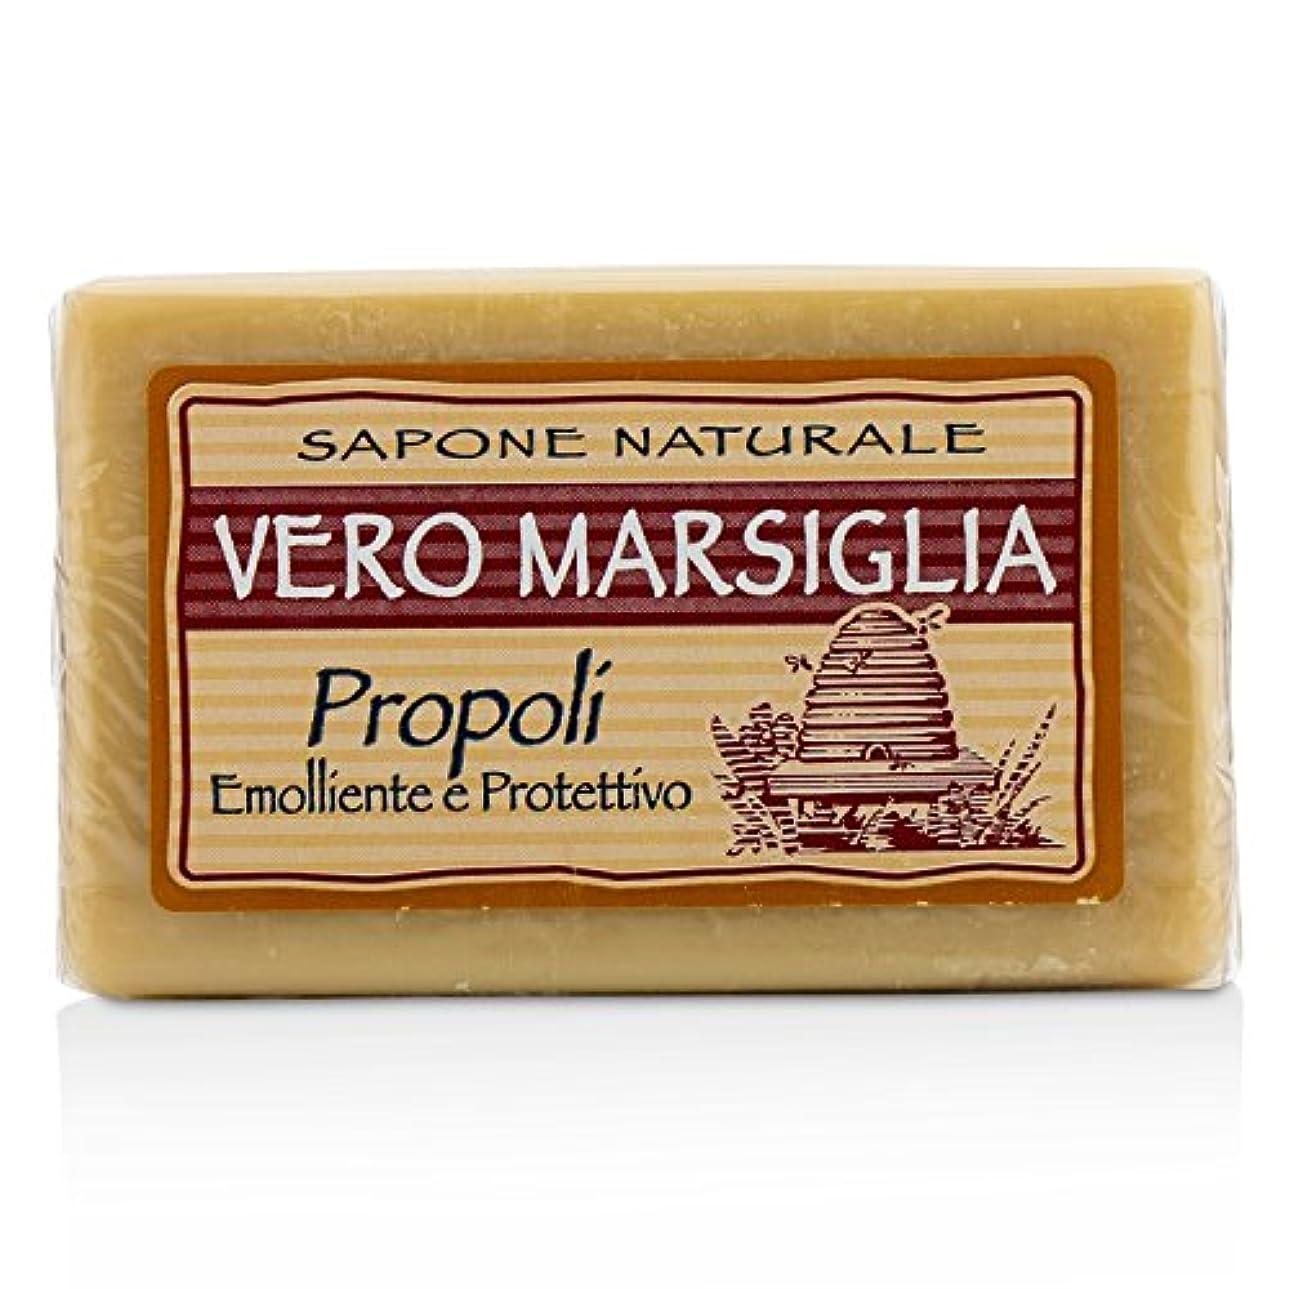 ページごみマウントネスティダンテ Vero Marsiglia Natural Soap - Propolis (Emollient and Protective) 150g/5.29oz並行輸入品